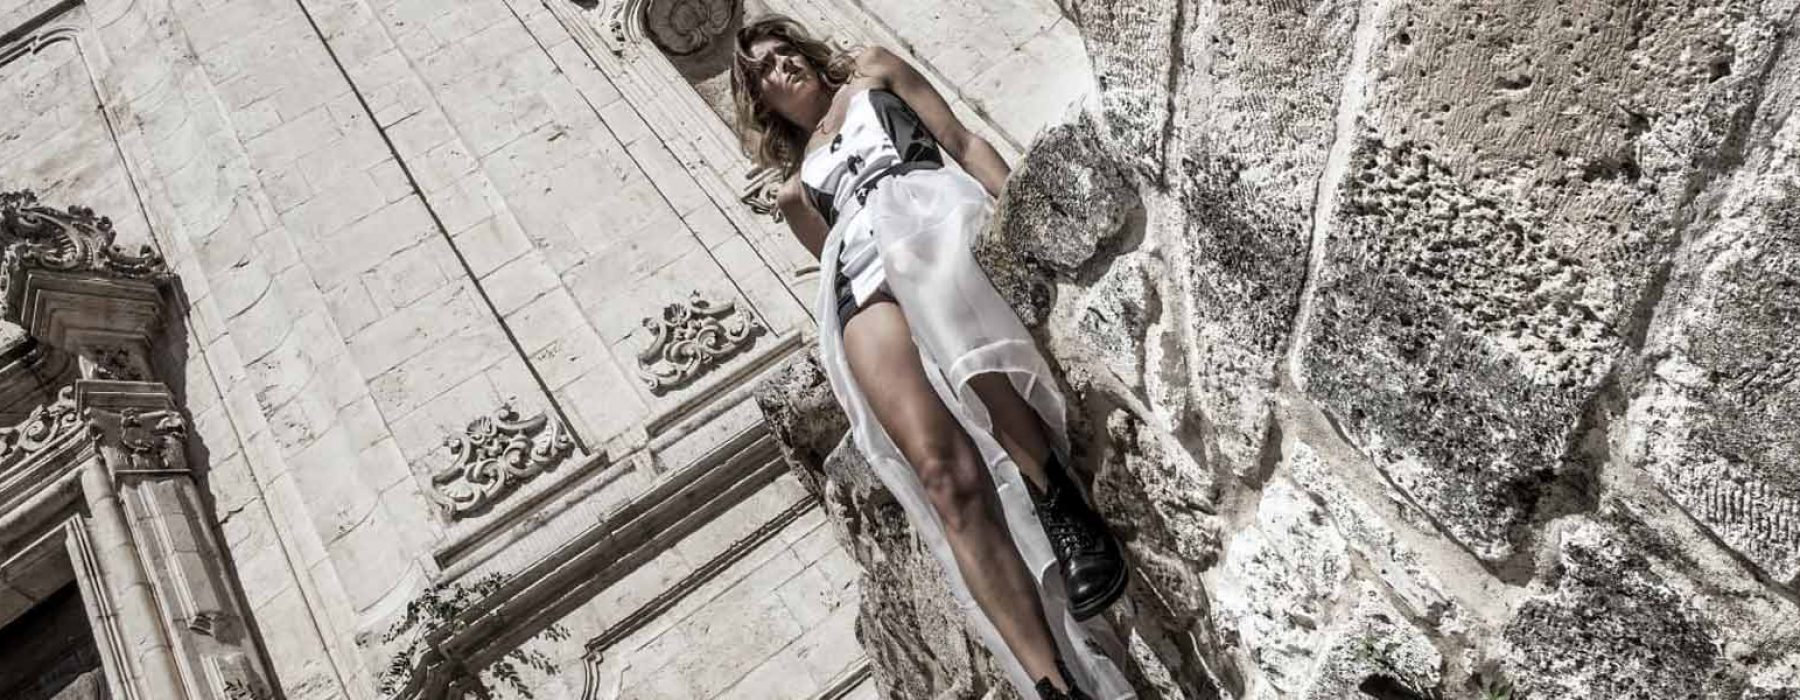 Francesca Fossati – Poesia na Arte que torna cada mulher única